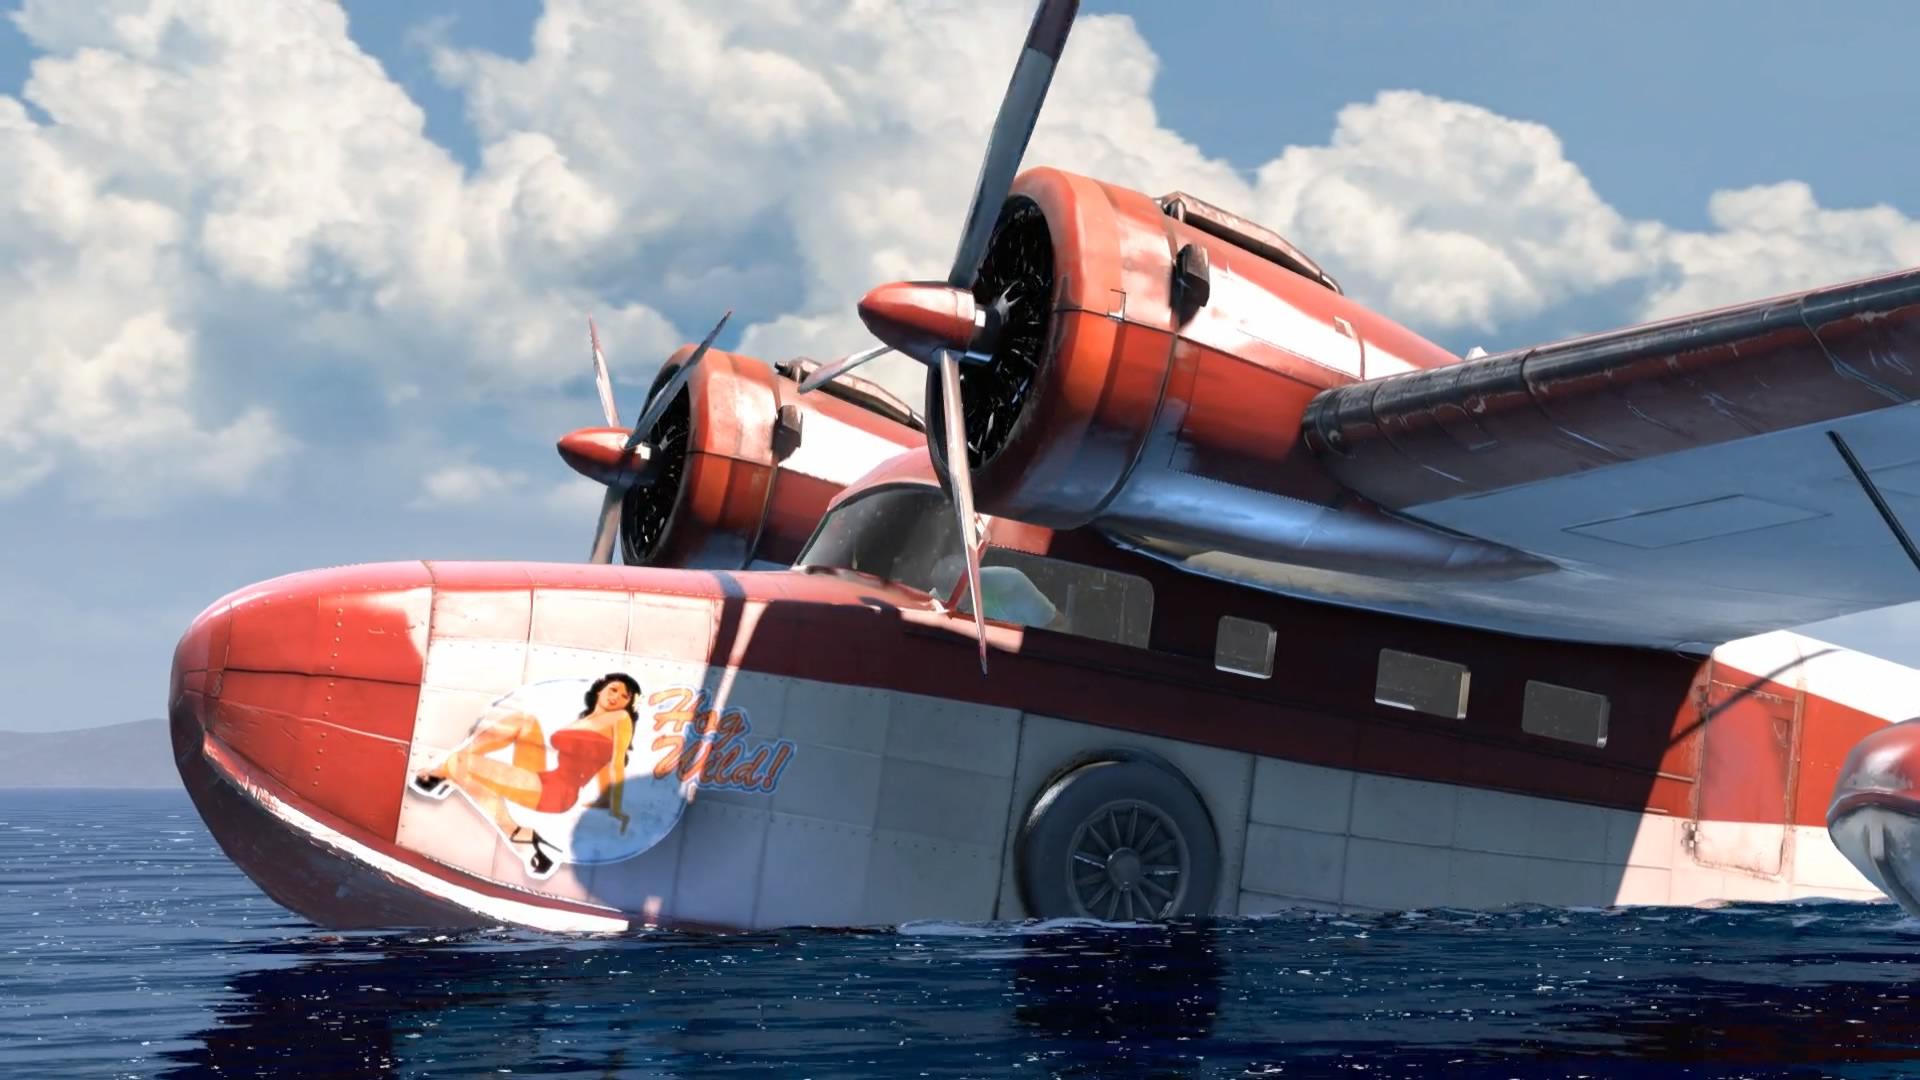 Sully Und Sein Wasserflugzeug Als Letzter Rettungsring